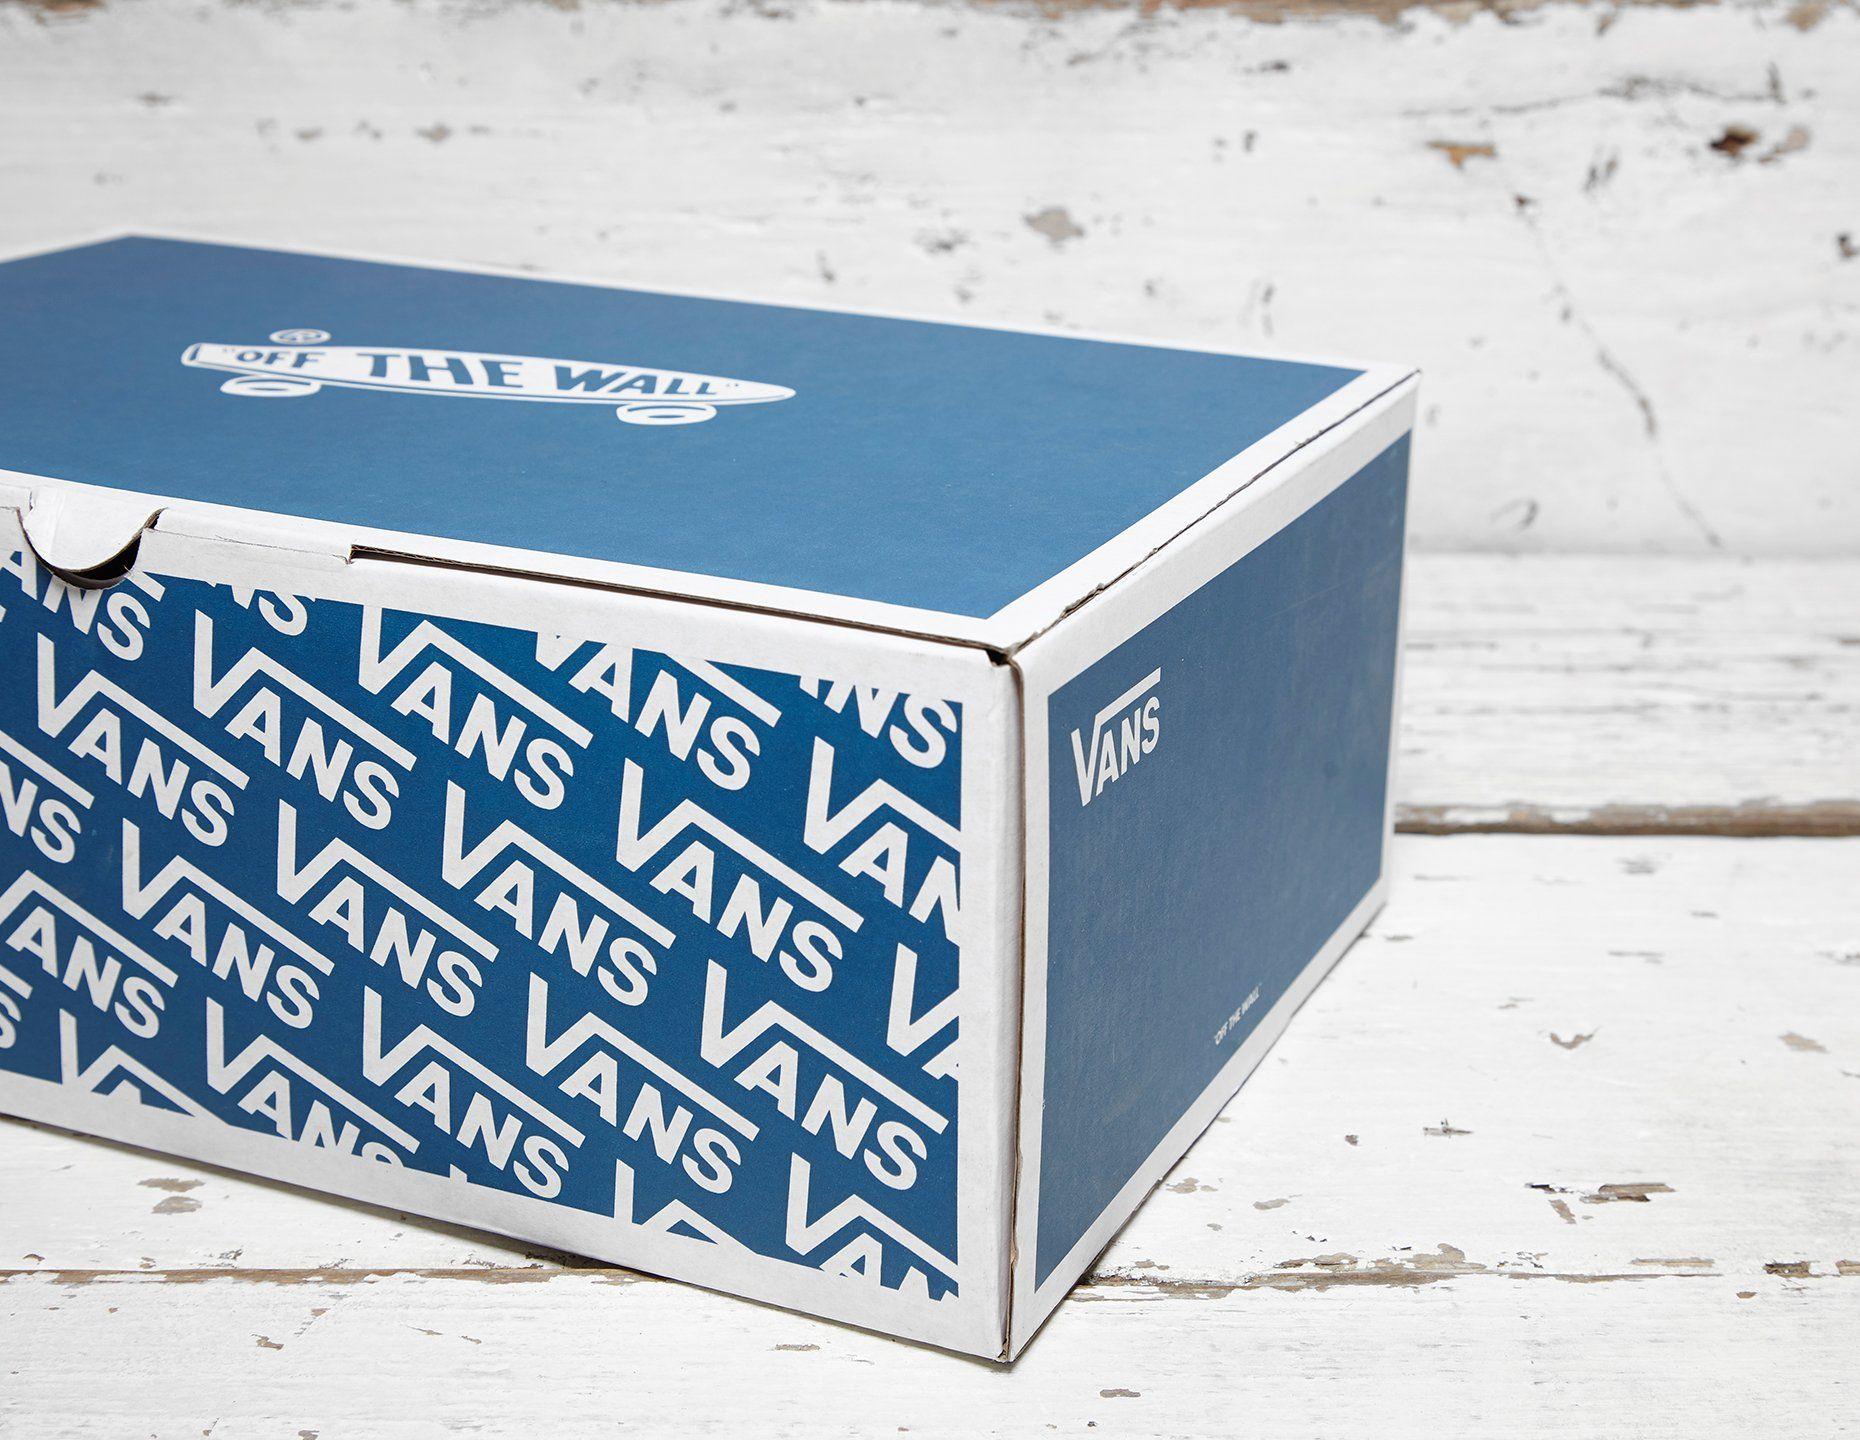 Vans Vault Classic Slip On OG